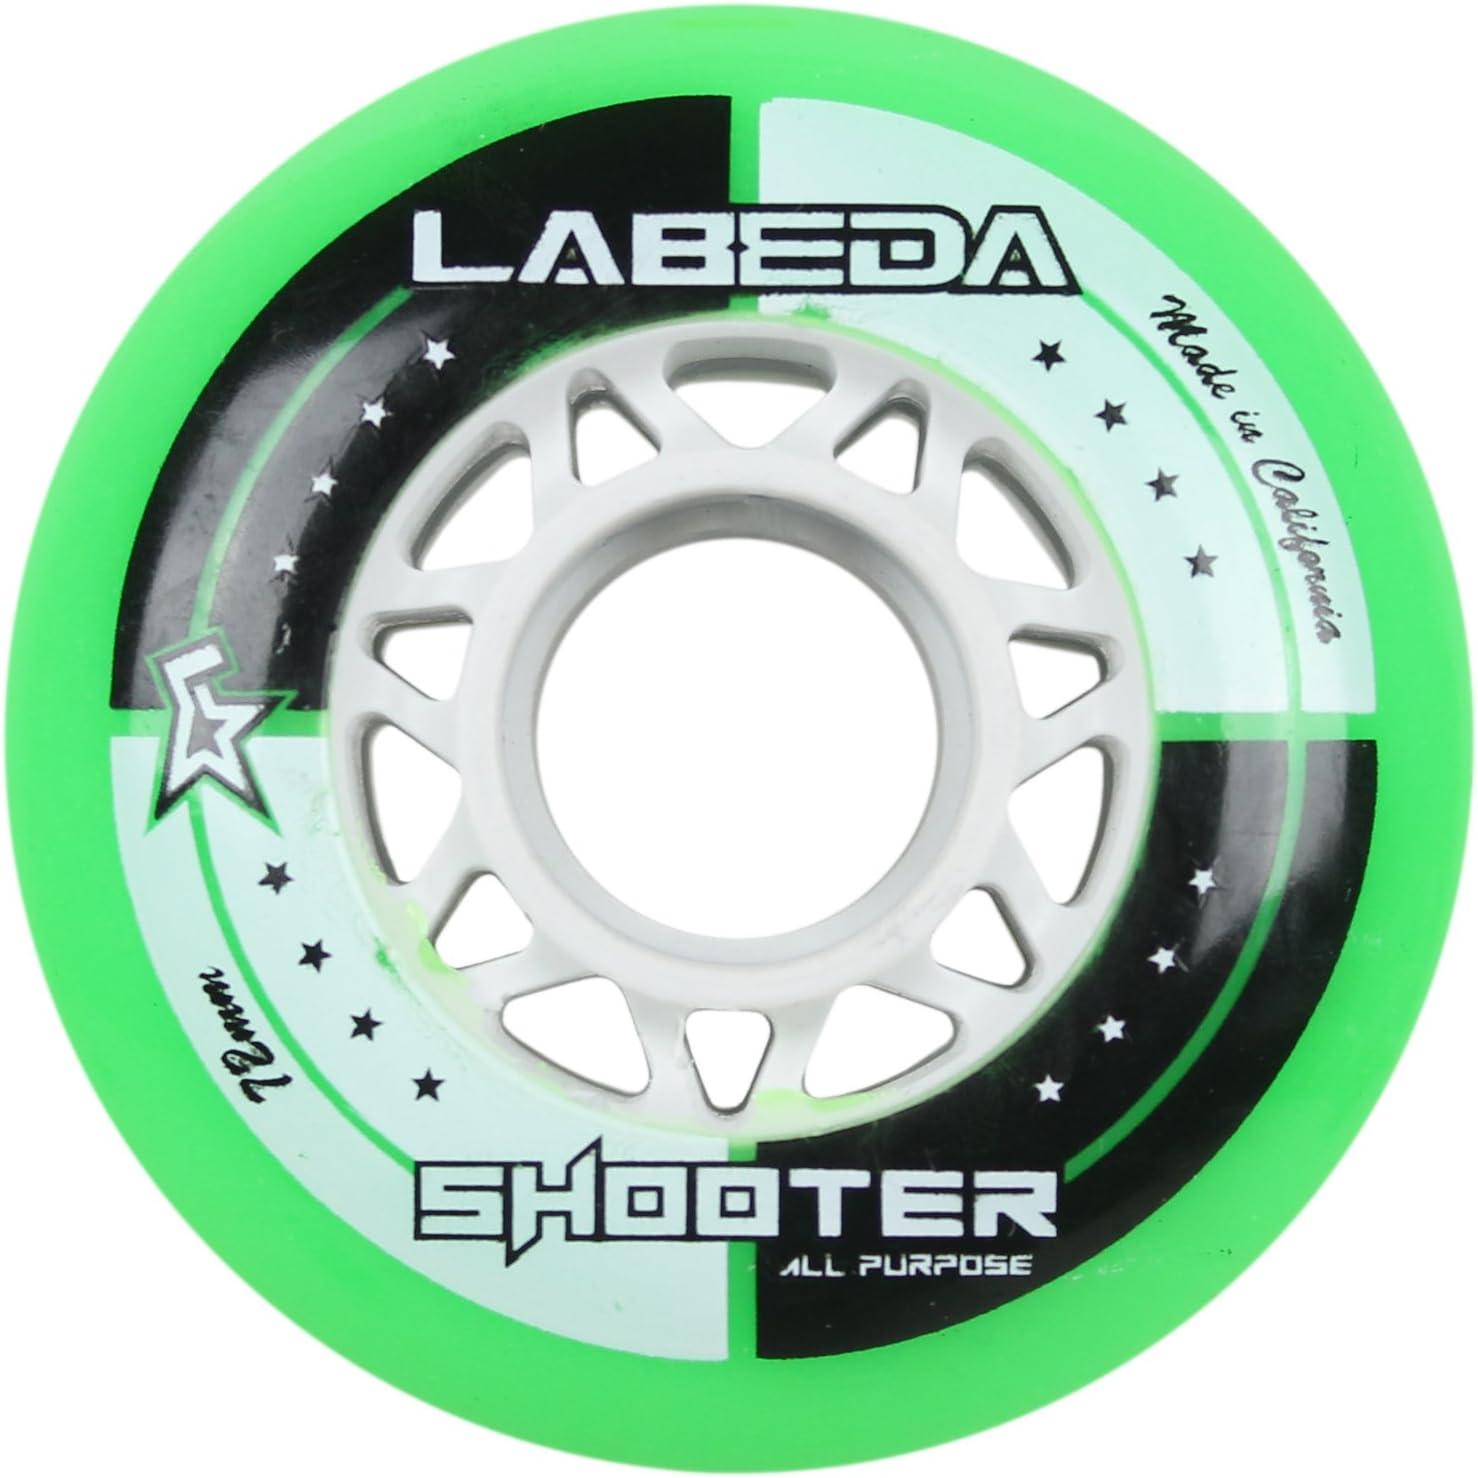 Labeda WheelsインラインローラーホッケーShooterすべて目的グリーン72 mm 83 a x1